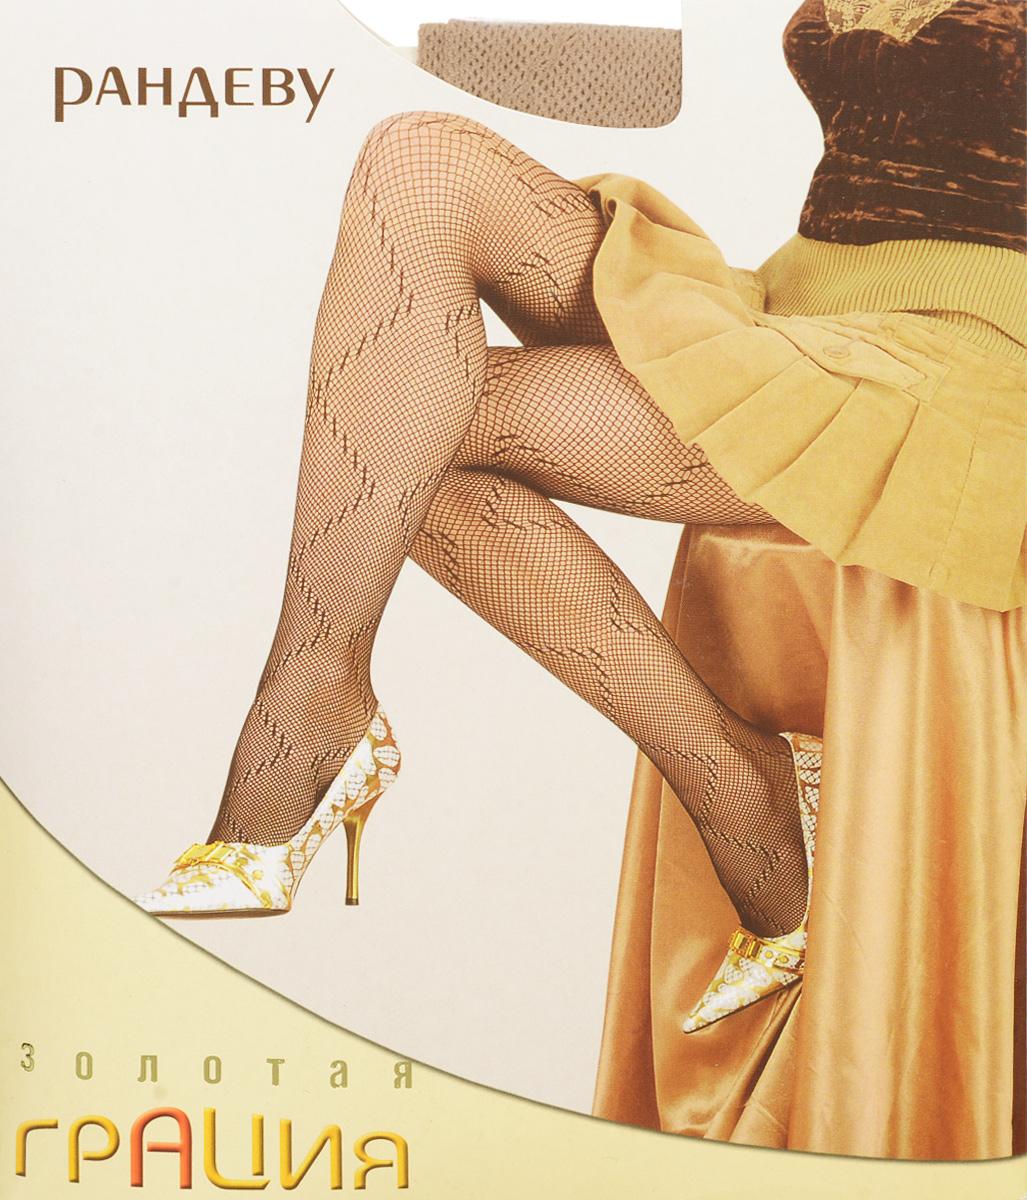 Колготки женские РандевуРандевуМодные фантазийные колготки Золотая Грация Рандеву выполнены по уникальной бесшовной технологии. Модель в сеточку с изысканным рисунком ромб. Контрастное сочетание мелкой сетки и крупного рисунка привлекают внимание. Хлопковая ластовица обеспечивает дополнительный комфорт. Эластичная резинка на поясе плотно облегает талию.